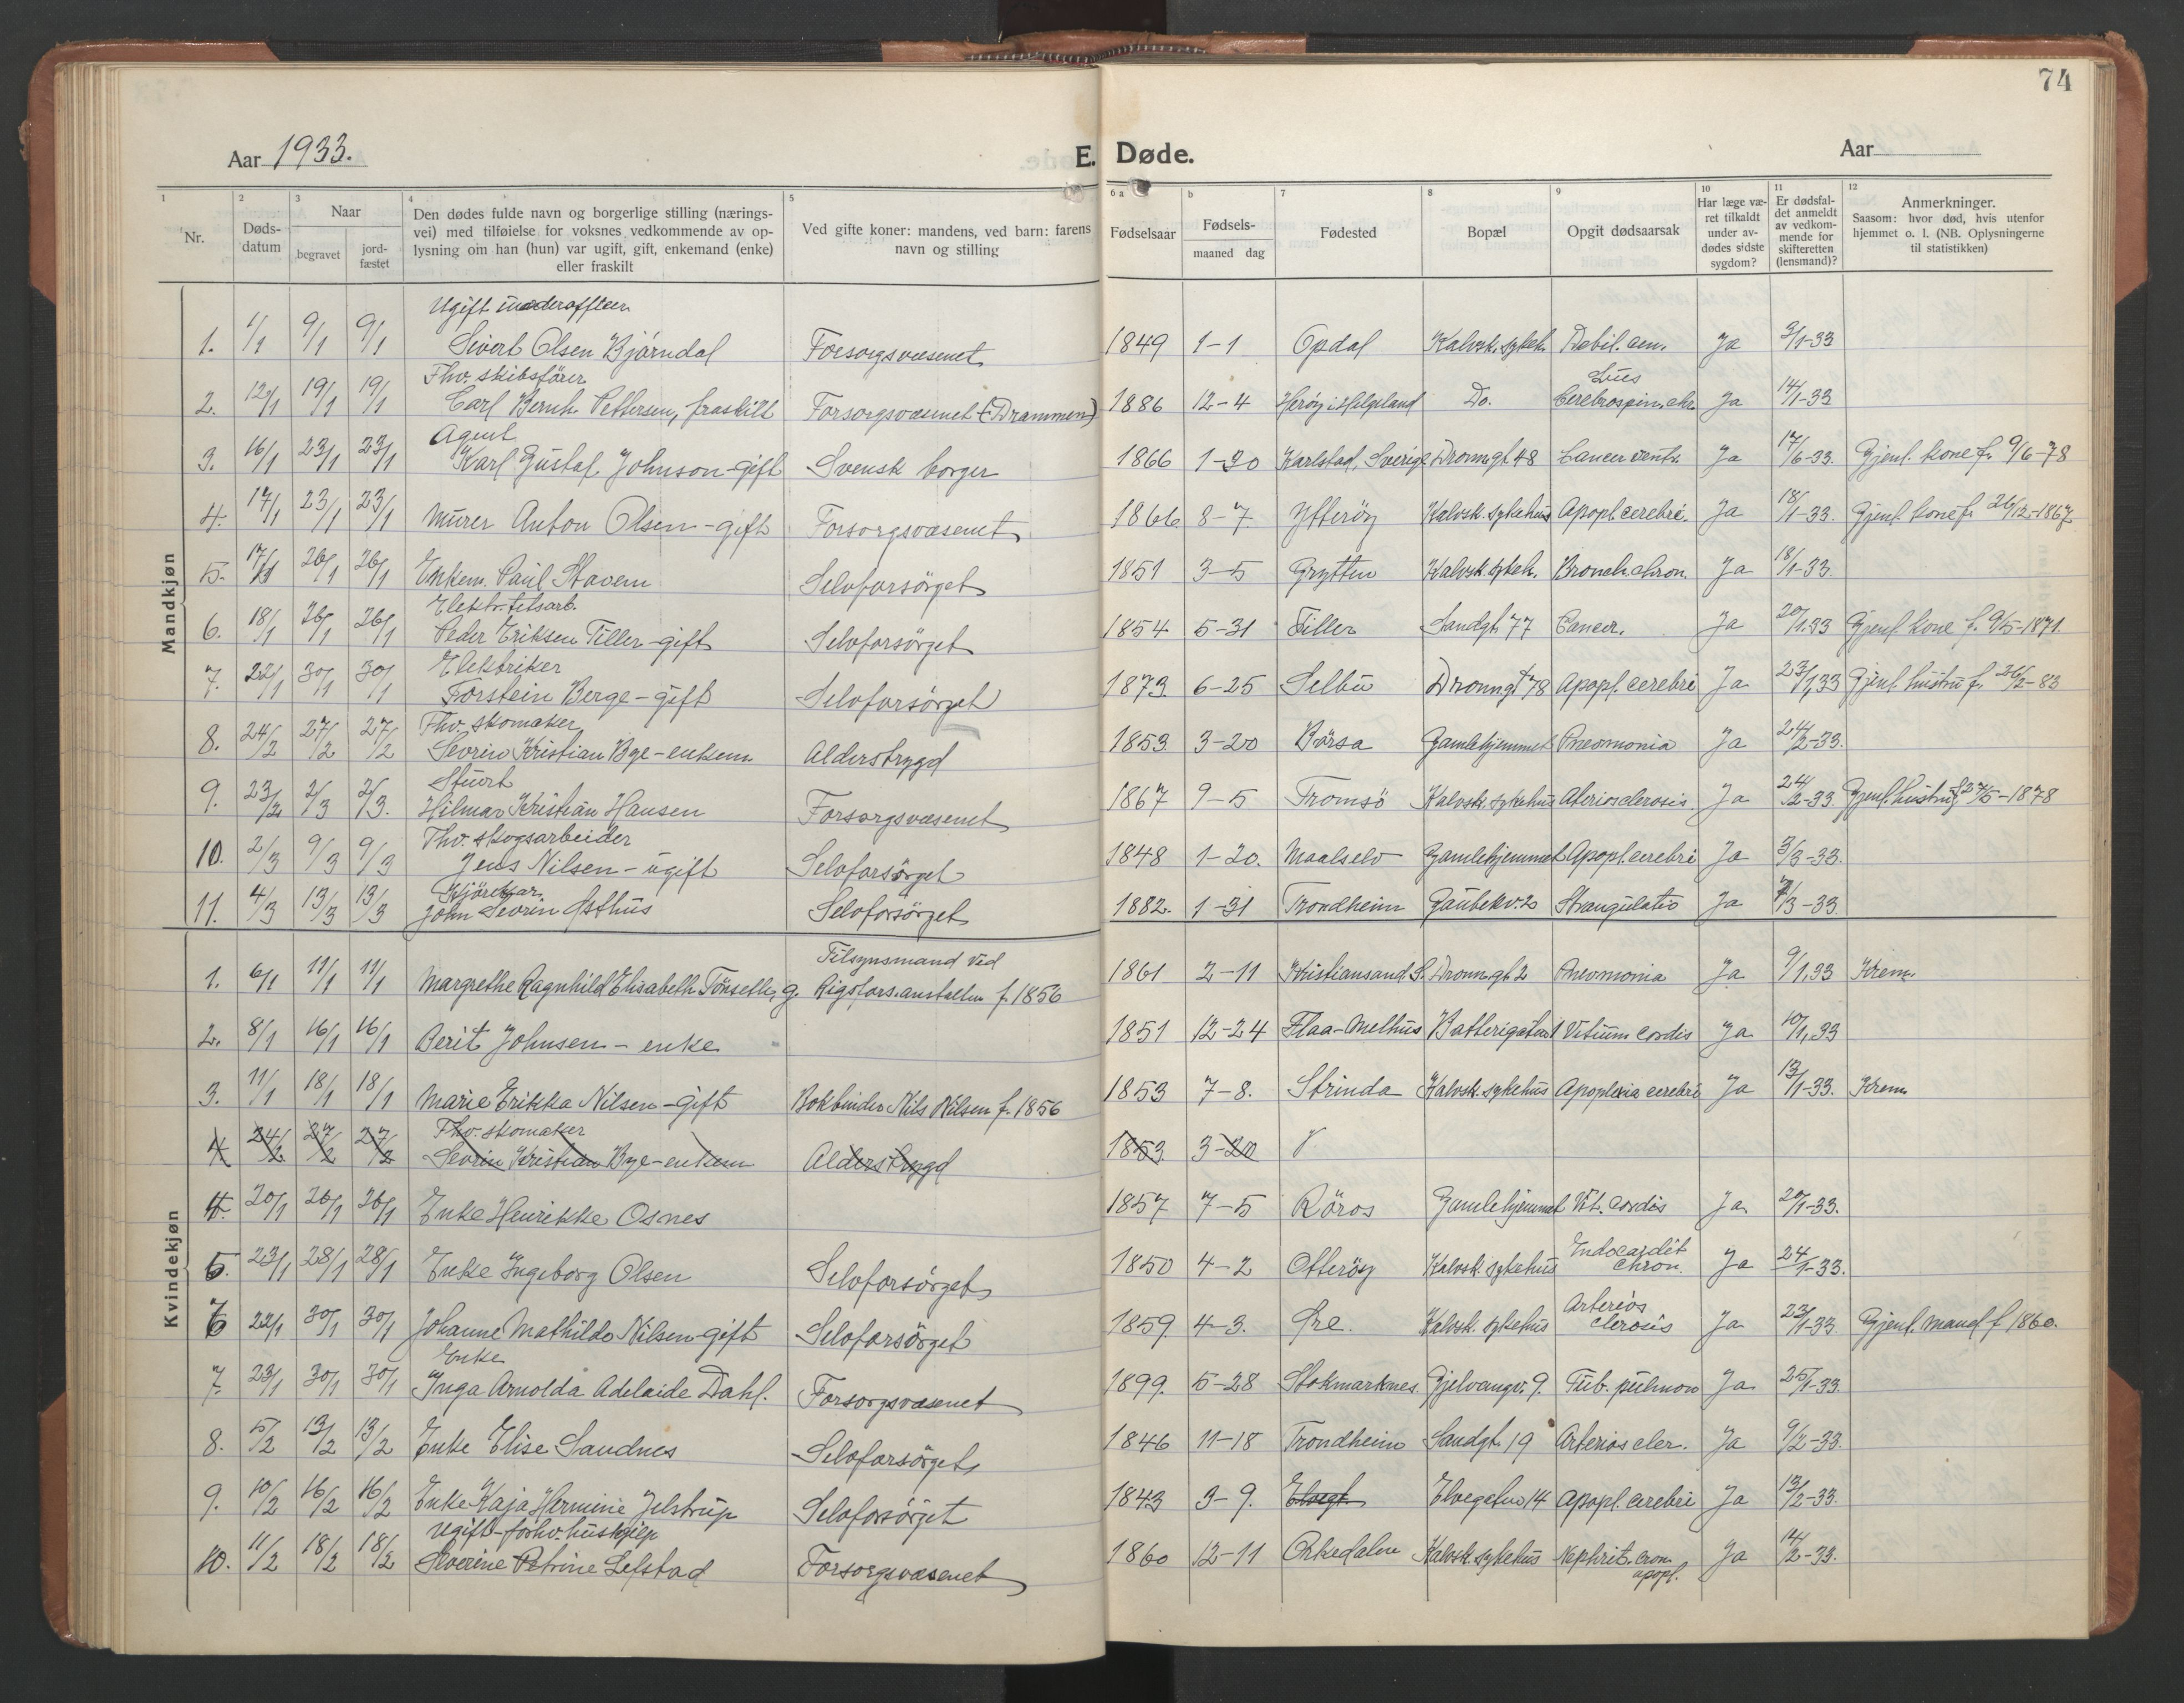 SAT, Ministerialprotokoller, klokkerbøker og fødselsregistre - Sør-Trøndelag, 602/L0150: Klokkerbok nr. 602C18, 1922-1949, s. 74